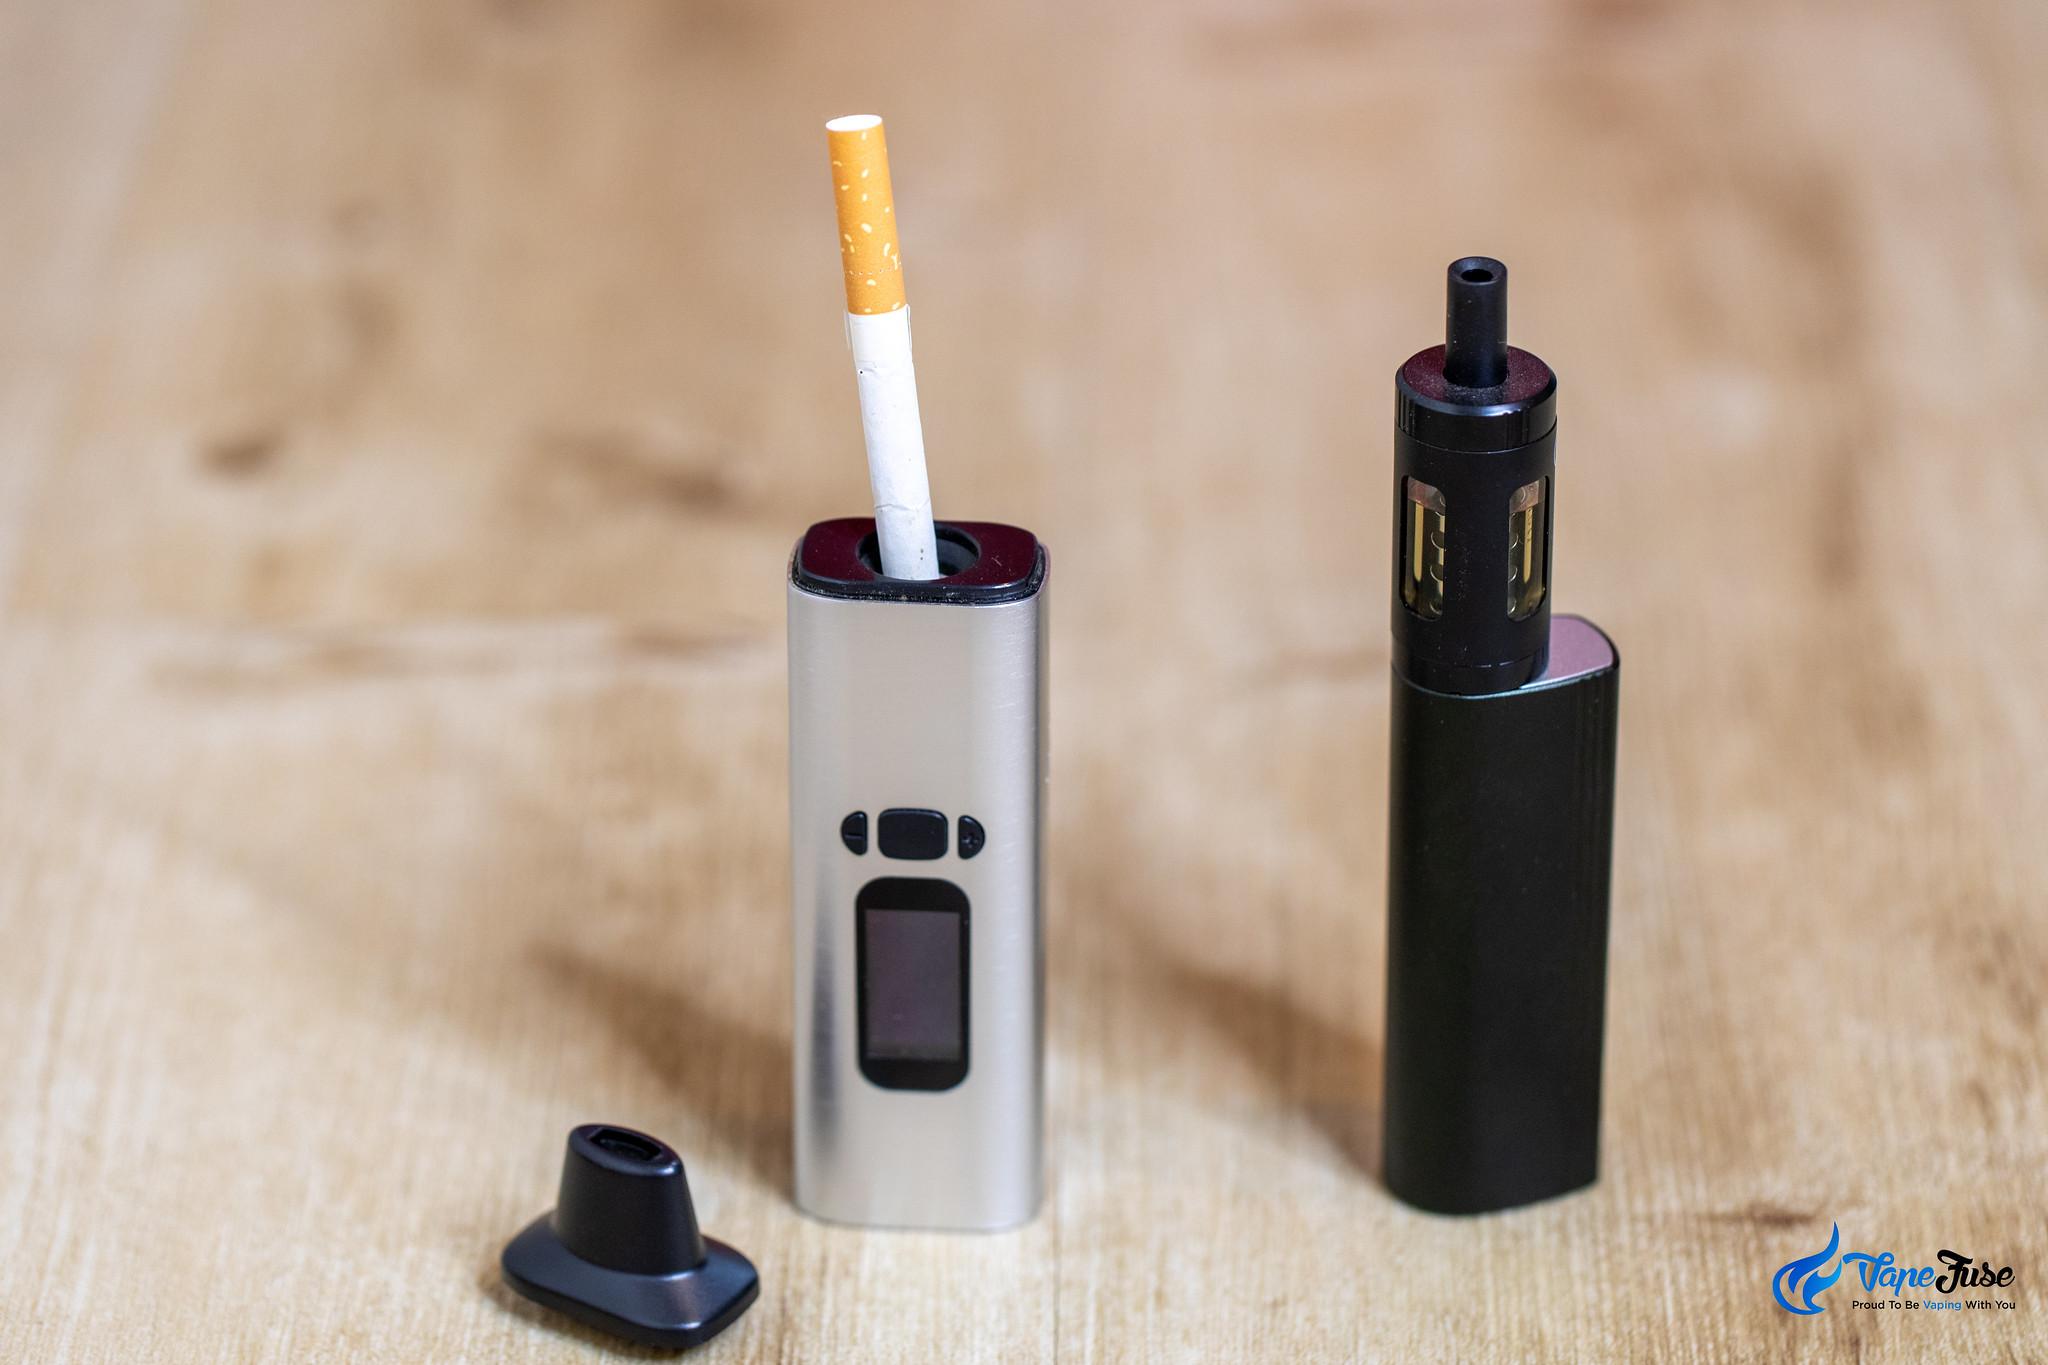 Vaporizing tobacco vs vaping